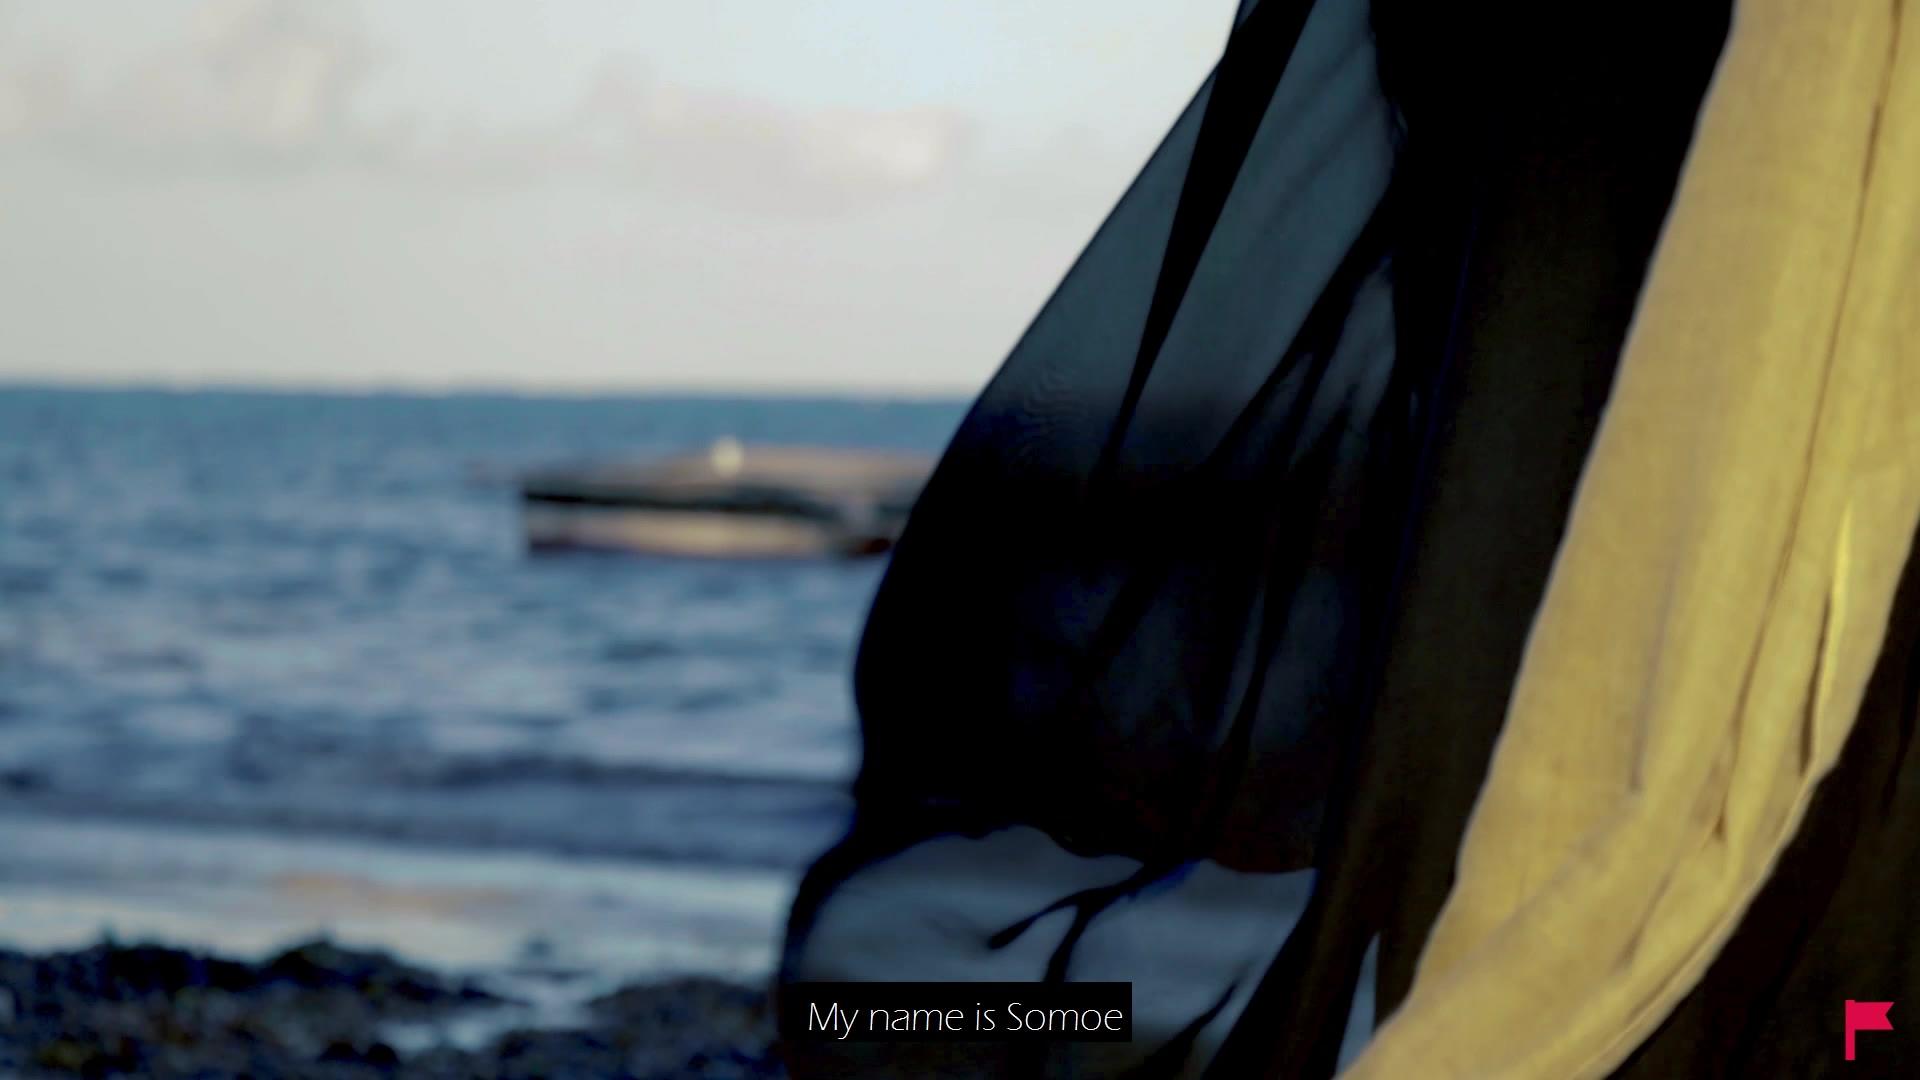 Kenya - Somoe - minimal black cuts